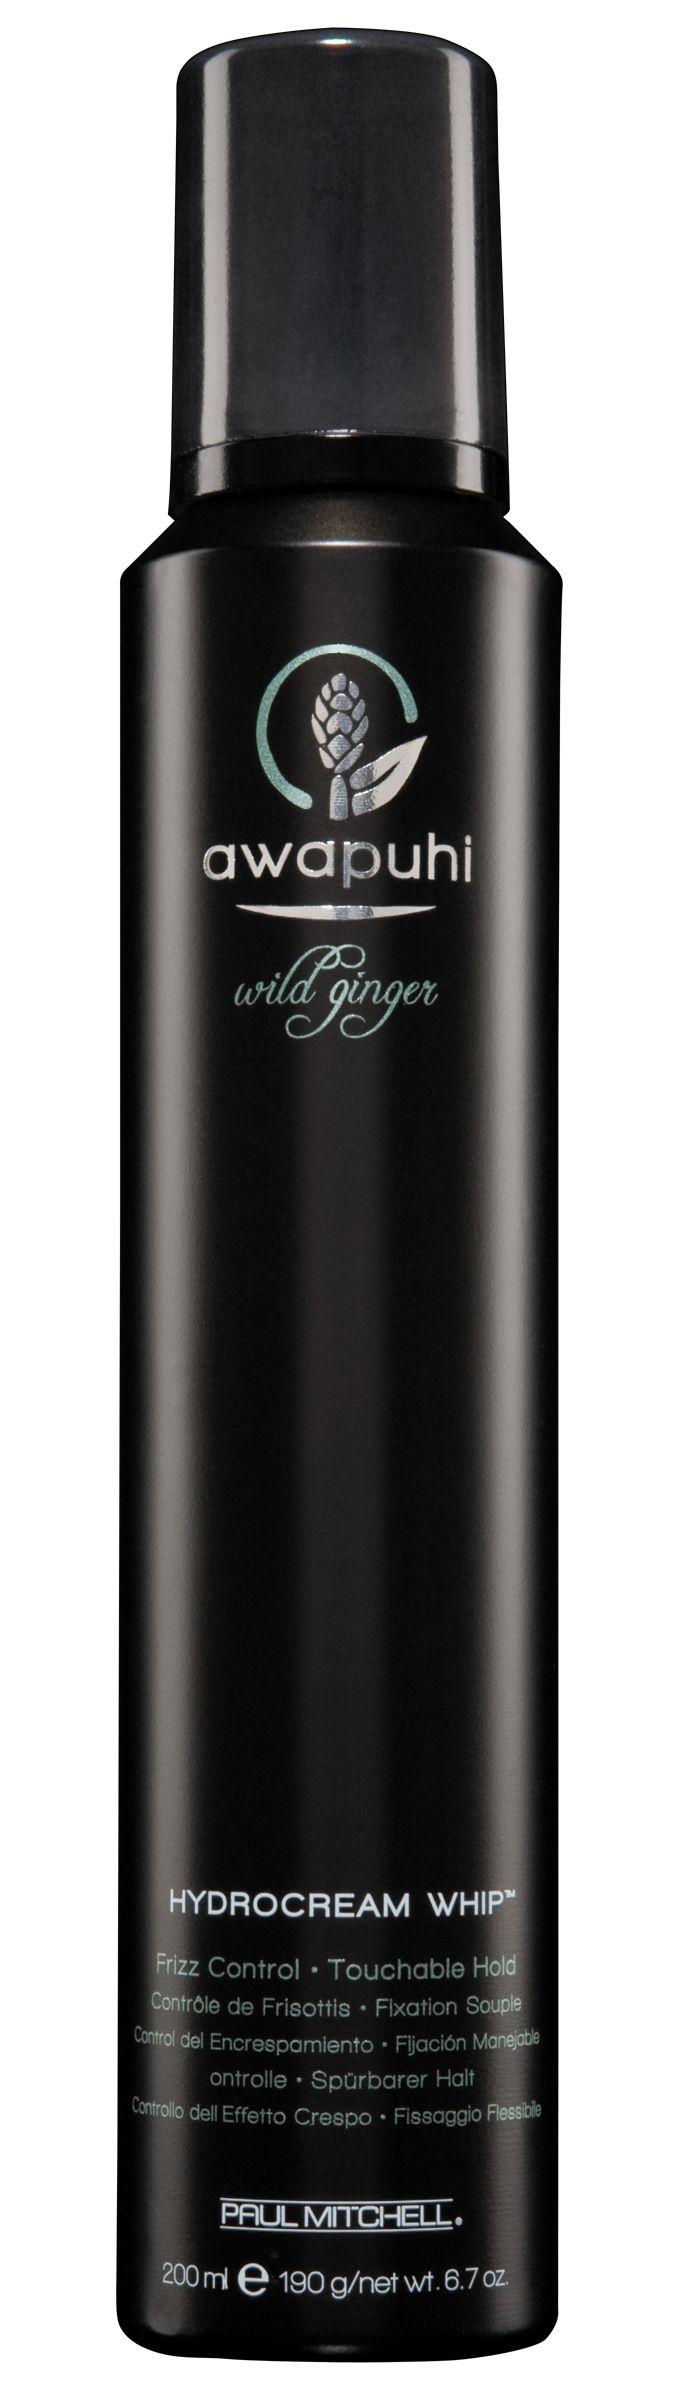 HydroCream Whip®, mousse anticrespo idratante. Dona una tenuta naturale e volume rendendo i capelli setosi e morbidi al tatto